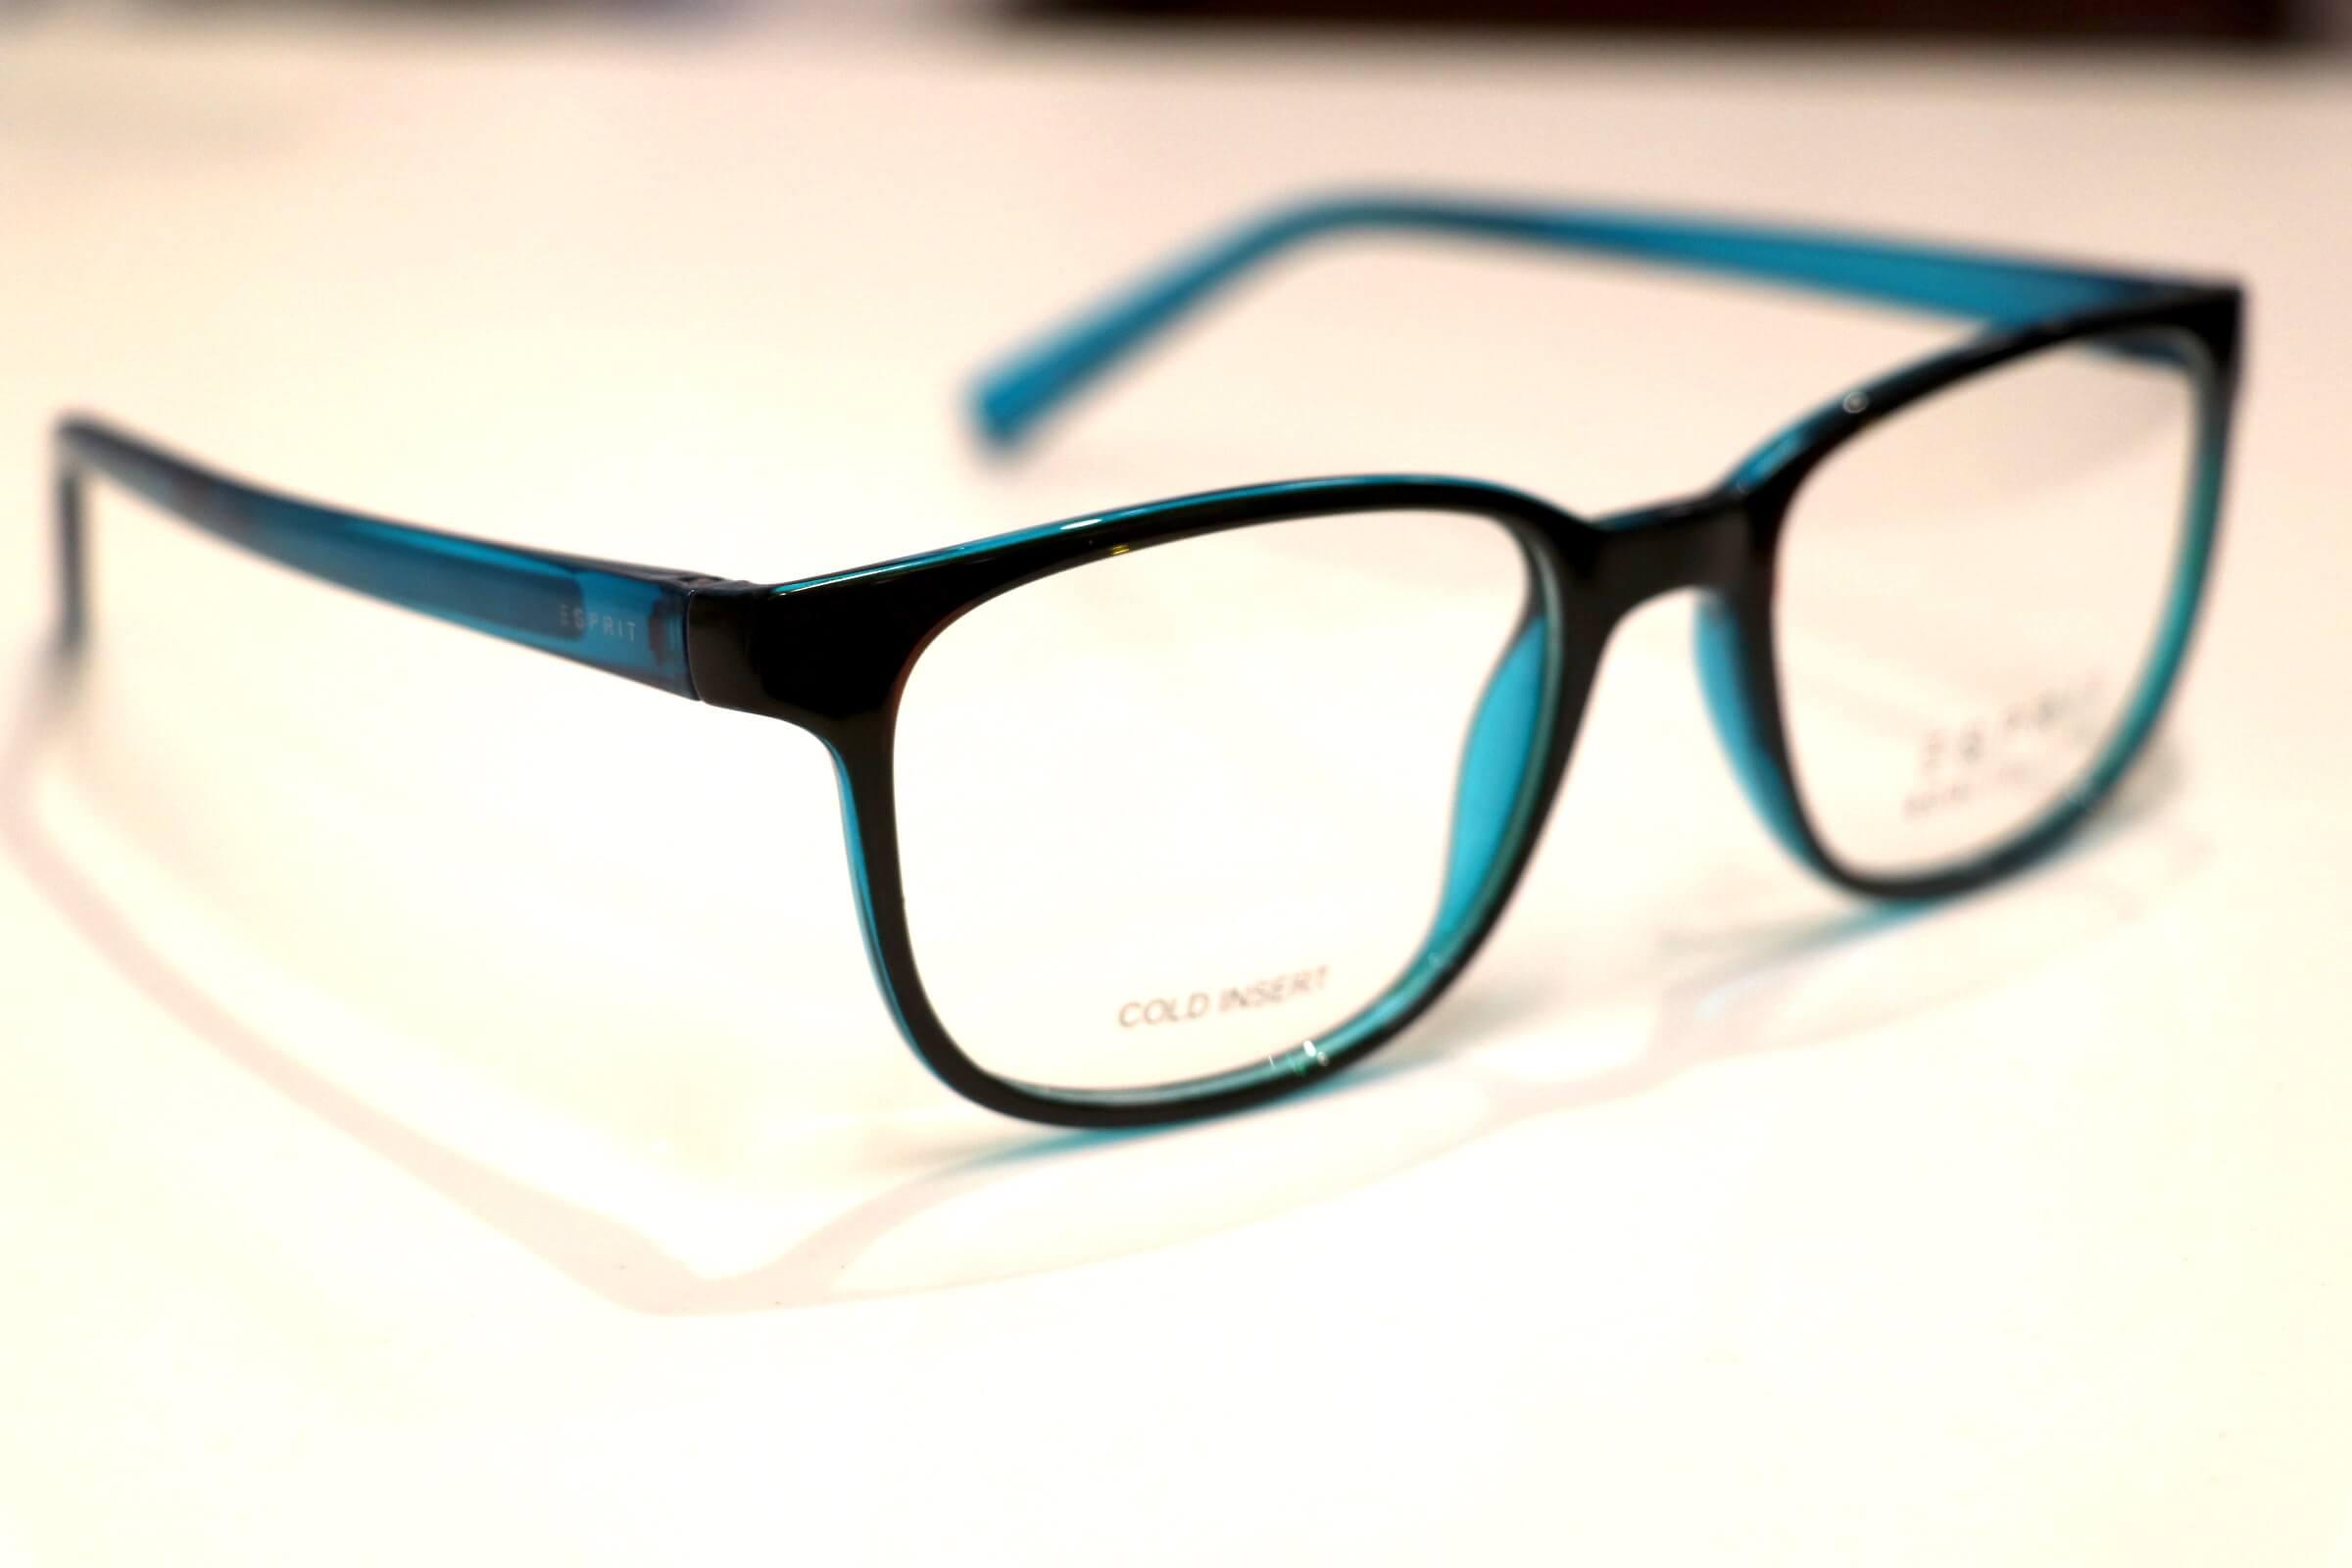 Blaue Brille von Esprit - Ecollection